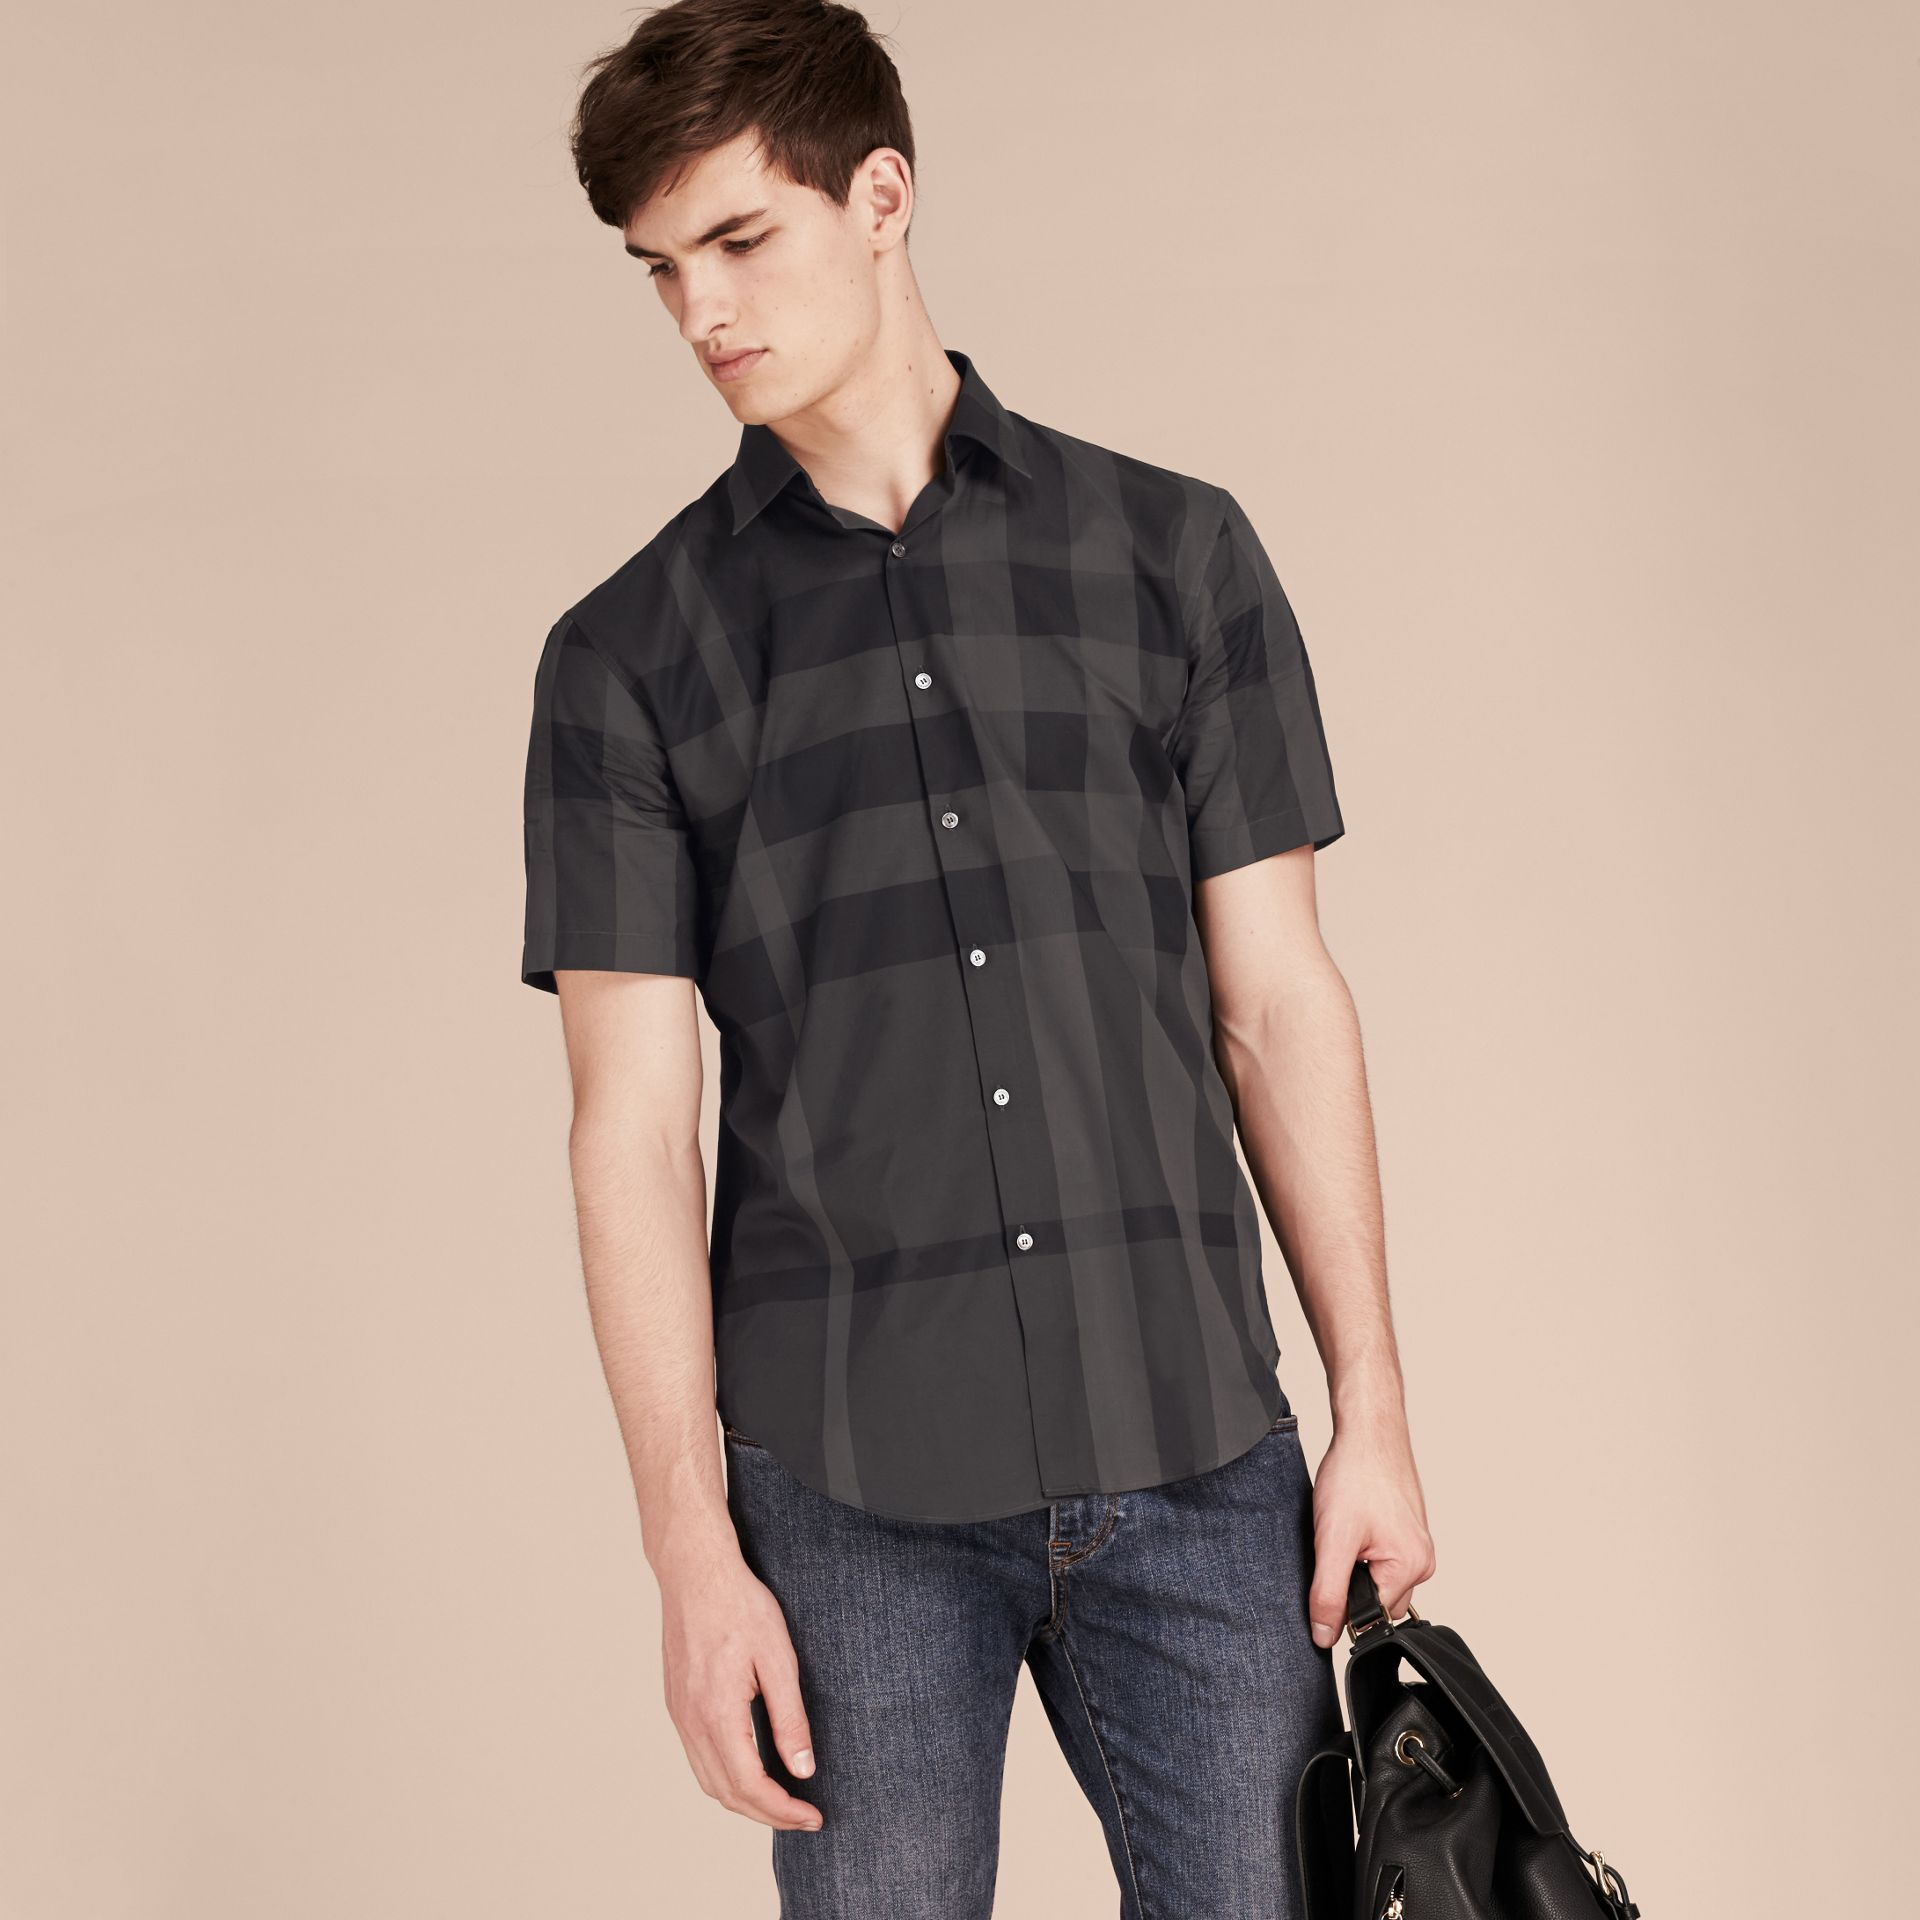 Gris marengo Camisa de manga corta en algodón con estampado de checks Gris Marengo - imagen de la galería 6